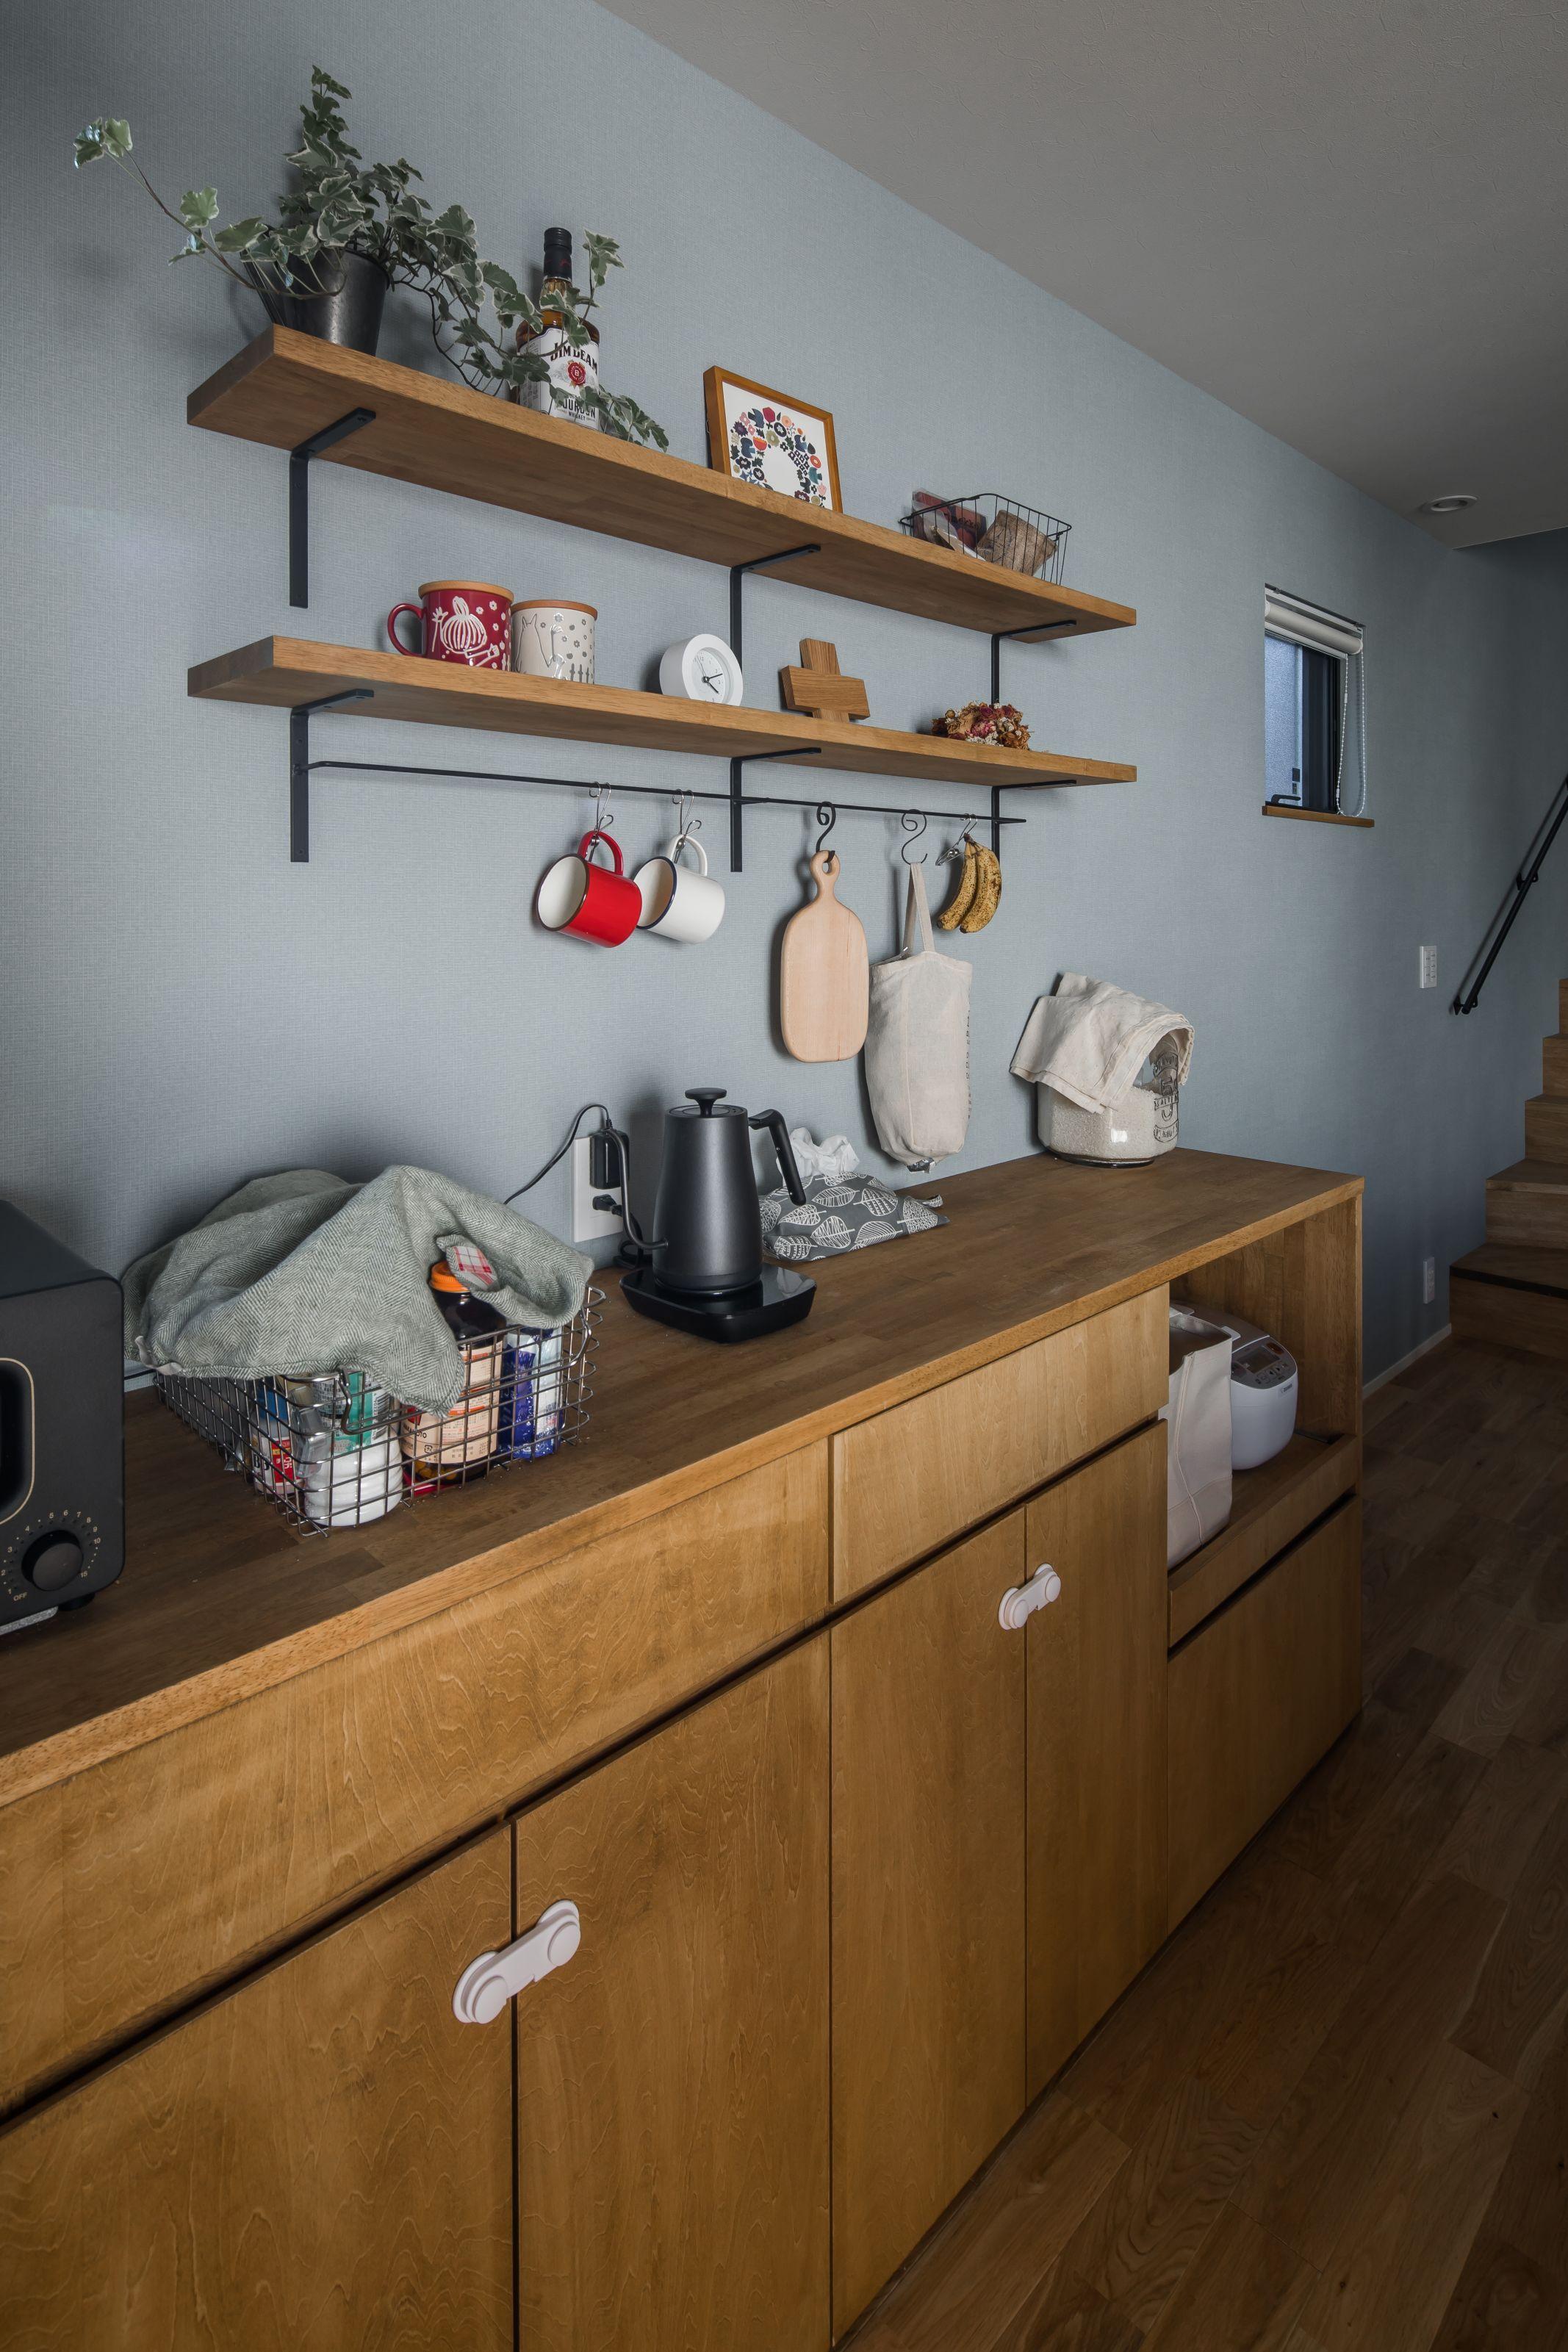 造作した収納力のあるカップボードと見せる飾り棚でつくる一つだけの